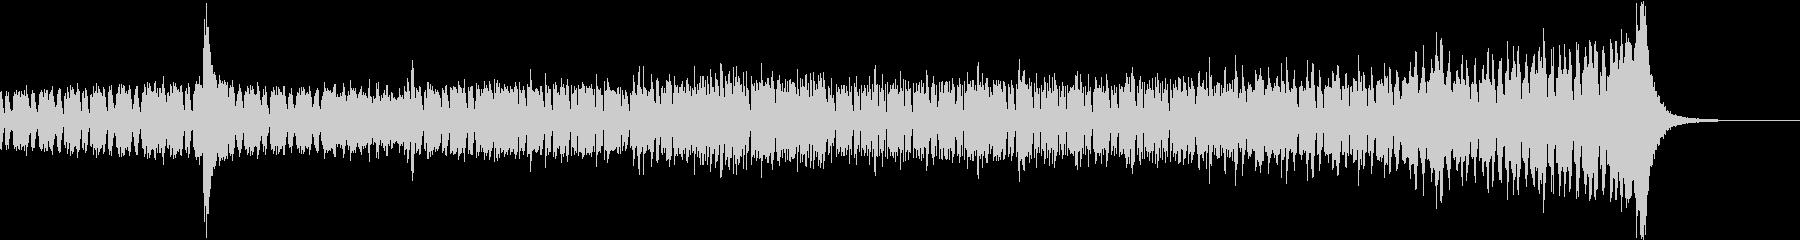 90秒ドキュメンタリーの挿入歌の未再生の波形